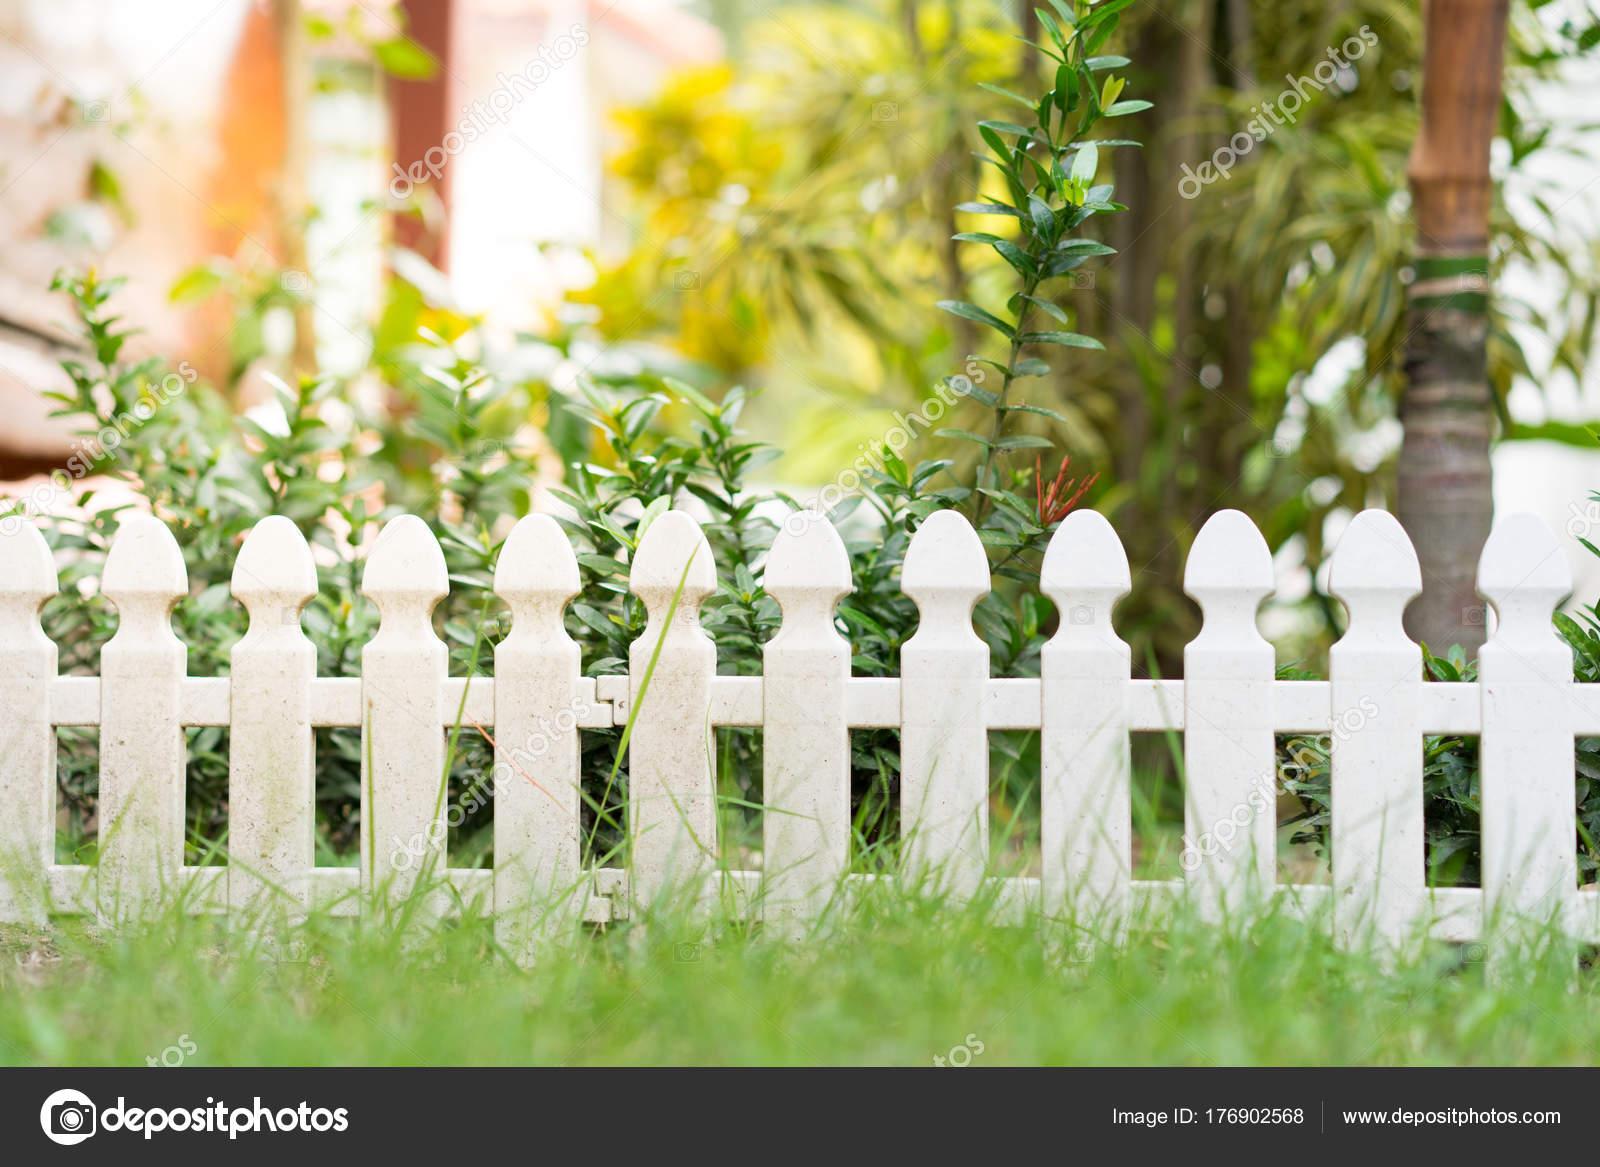 Kleiner Holzzaun kleiner garten zaun — stockfoto © yeawstock@gmail #176902568